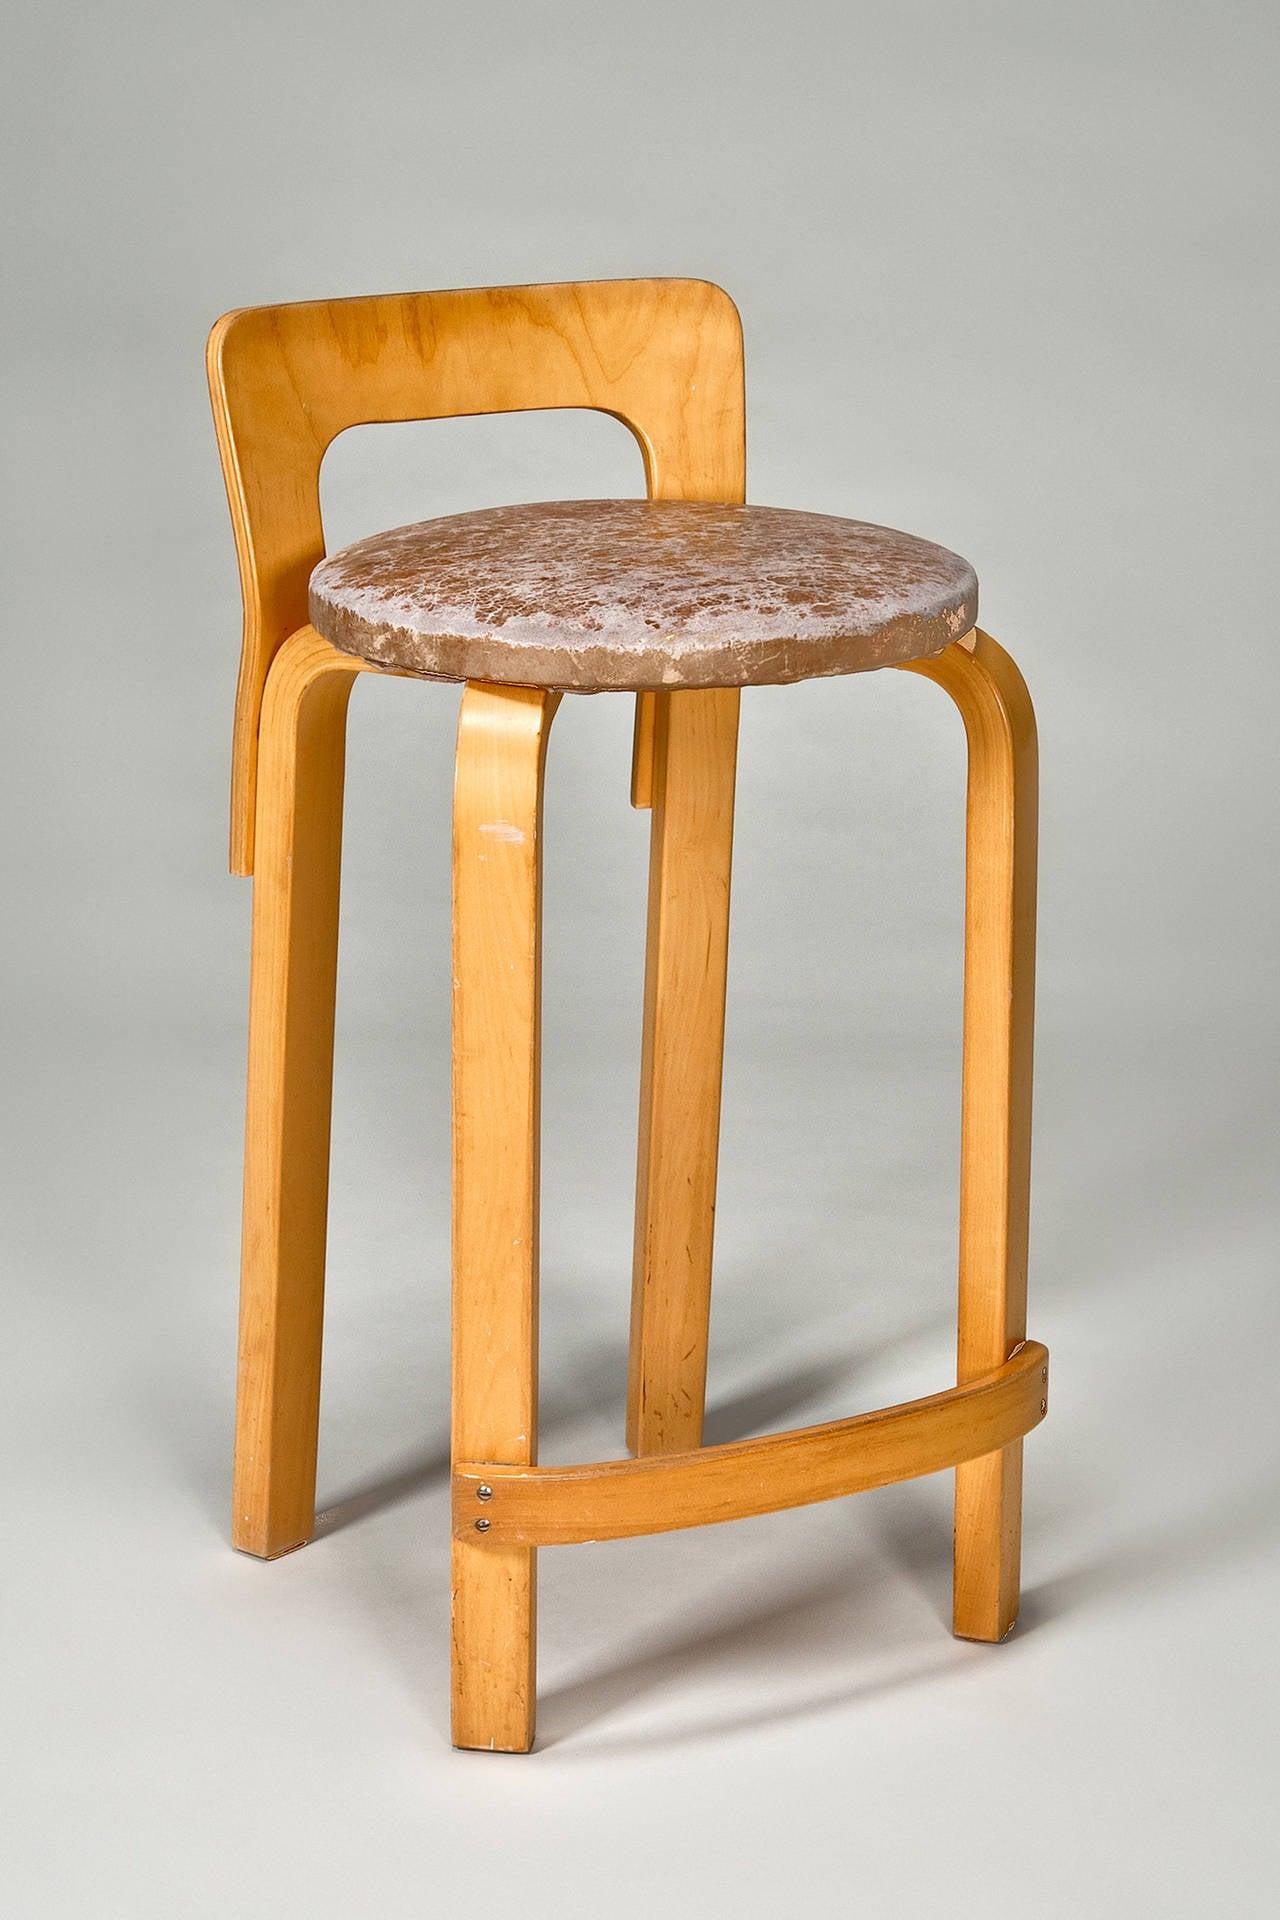 Scandinavian Modern High Chair K65 (set Of 4) By Alvar Aalto From Artek 2nd